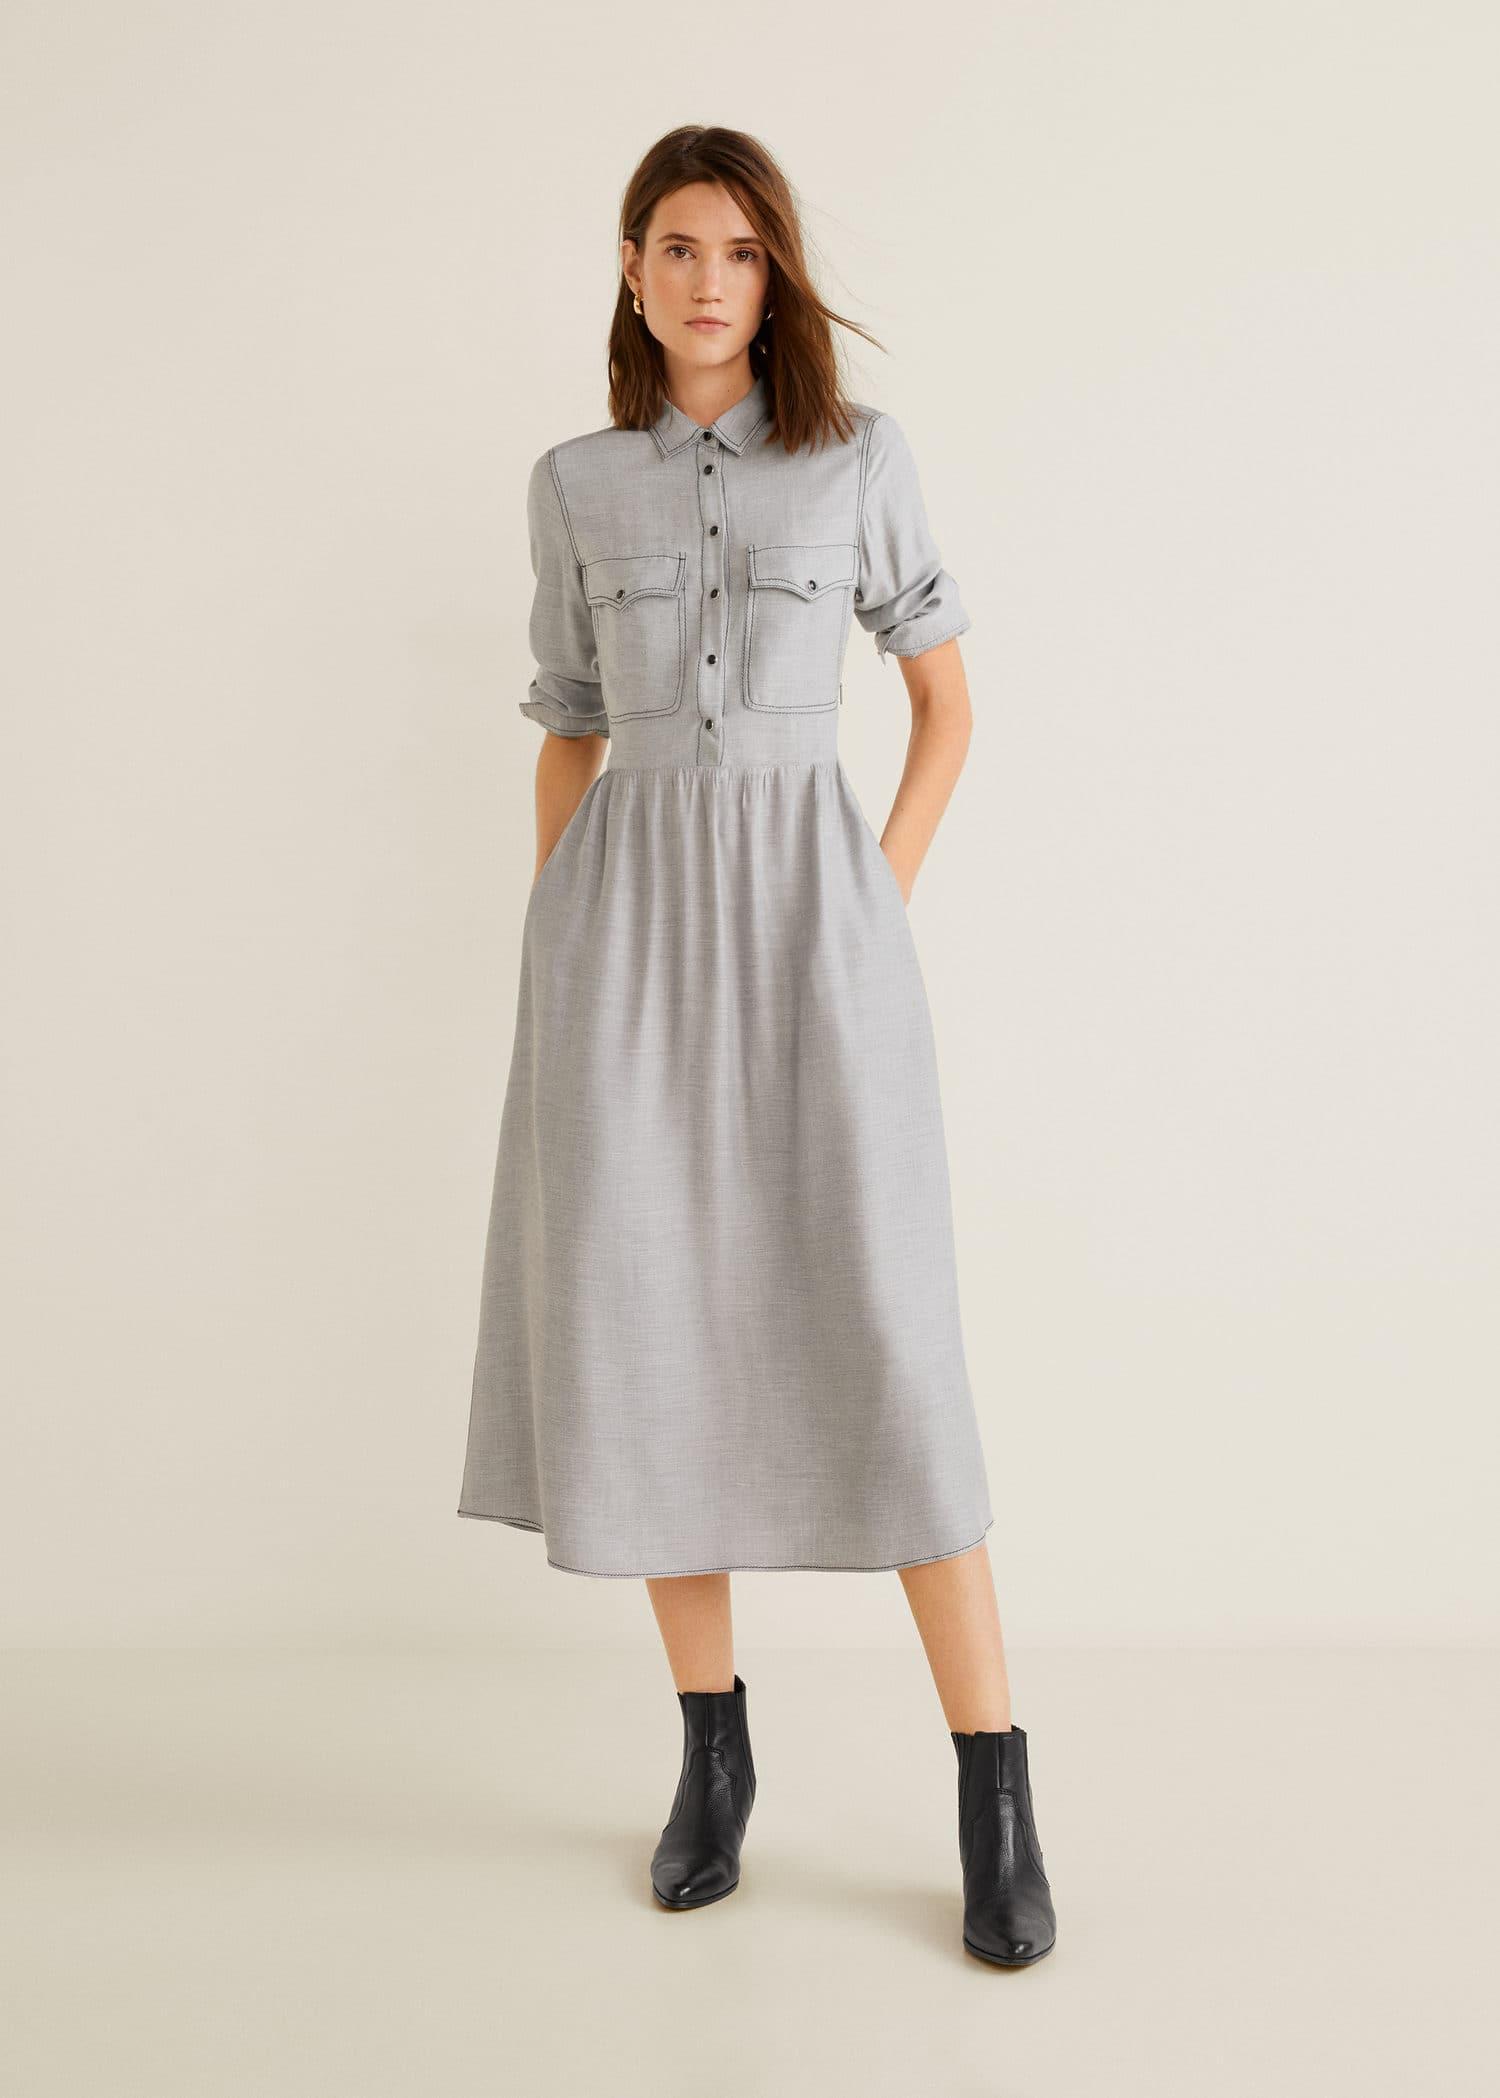 Ausgefallene kleider online